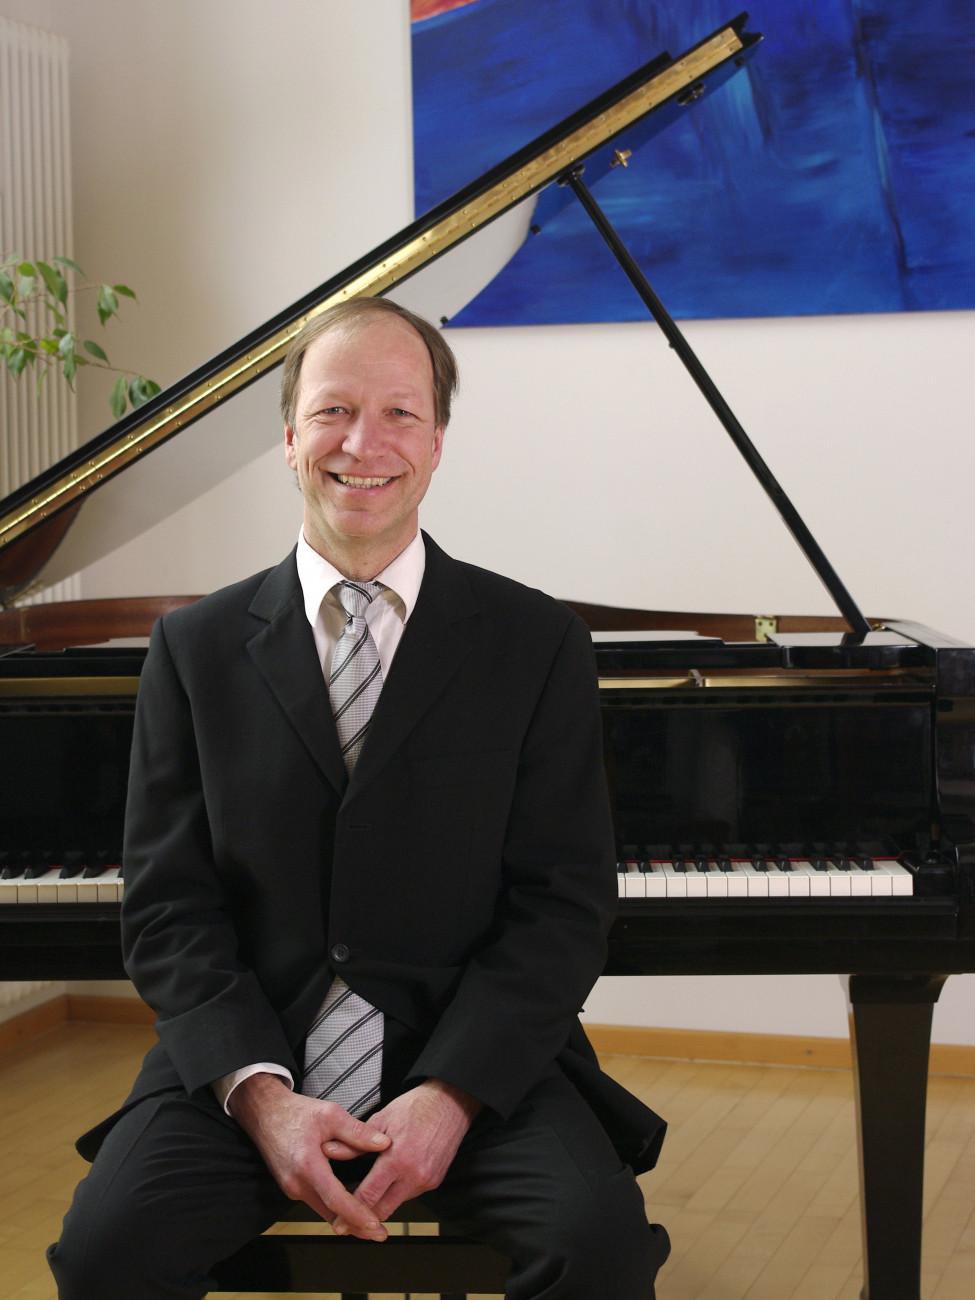 Karsten Krutz, Kammermusik für Querflöte und Klavier